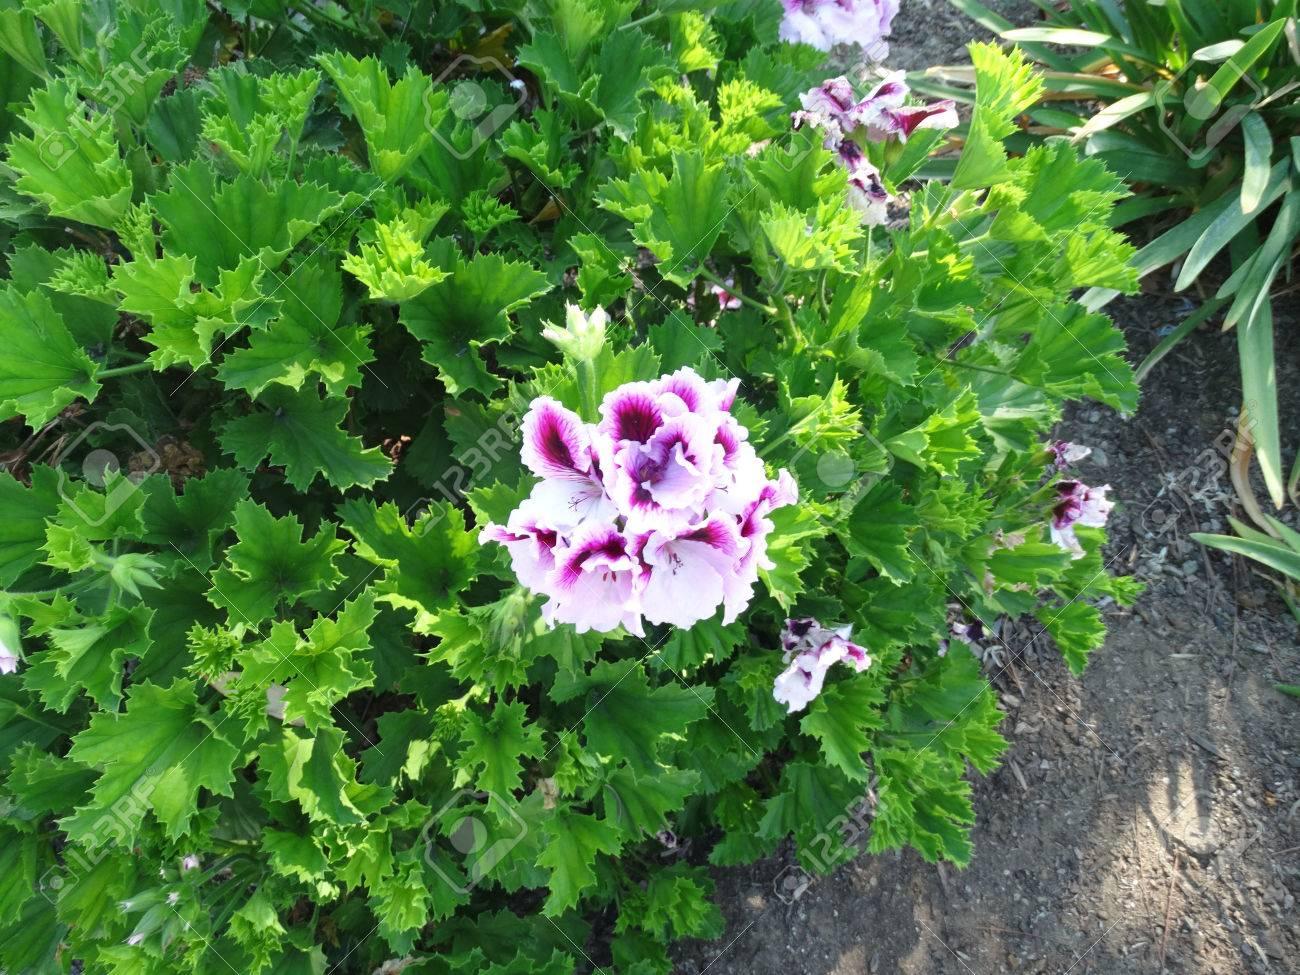 Pelargonium x domesticum, Regal Geranium, Lady Washington Geranium, Small  shrubby plant with large